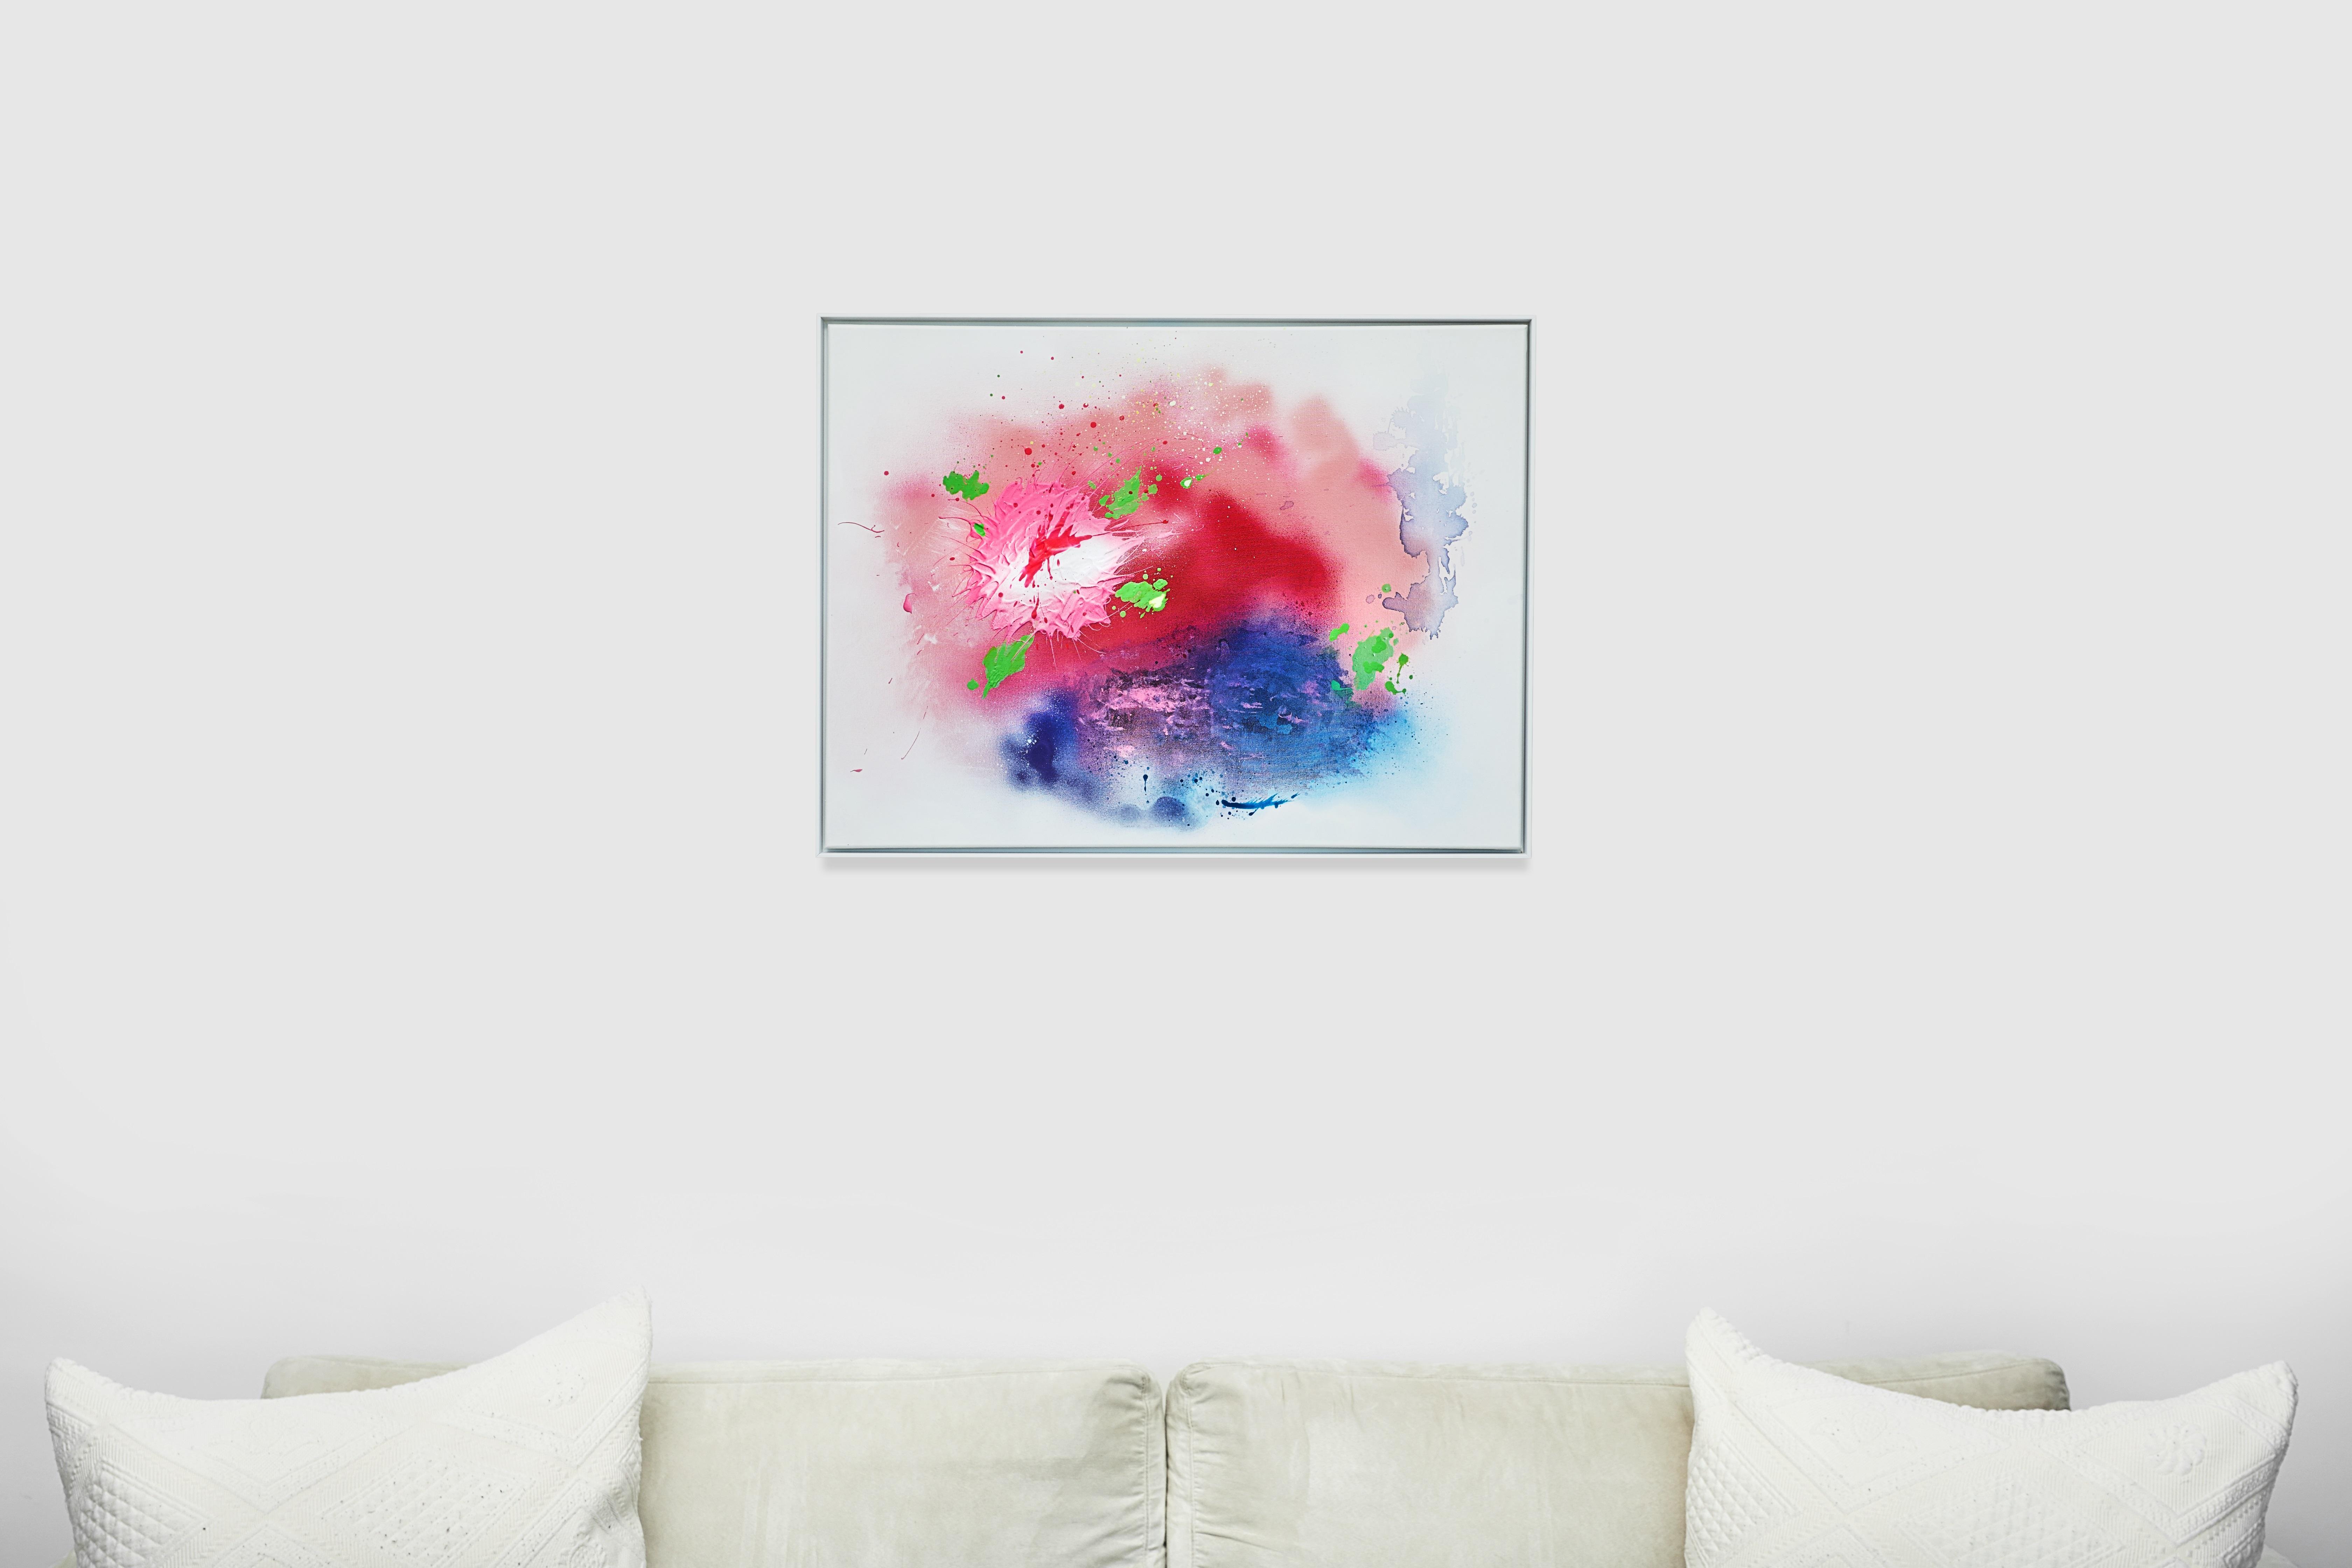 Soulartist Kunstwerk Bild Gemälde vom Jenseitigen